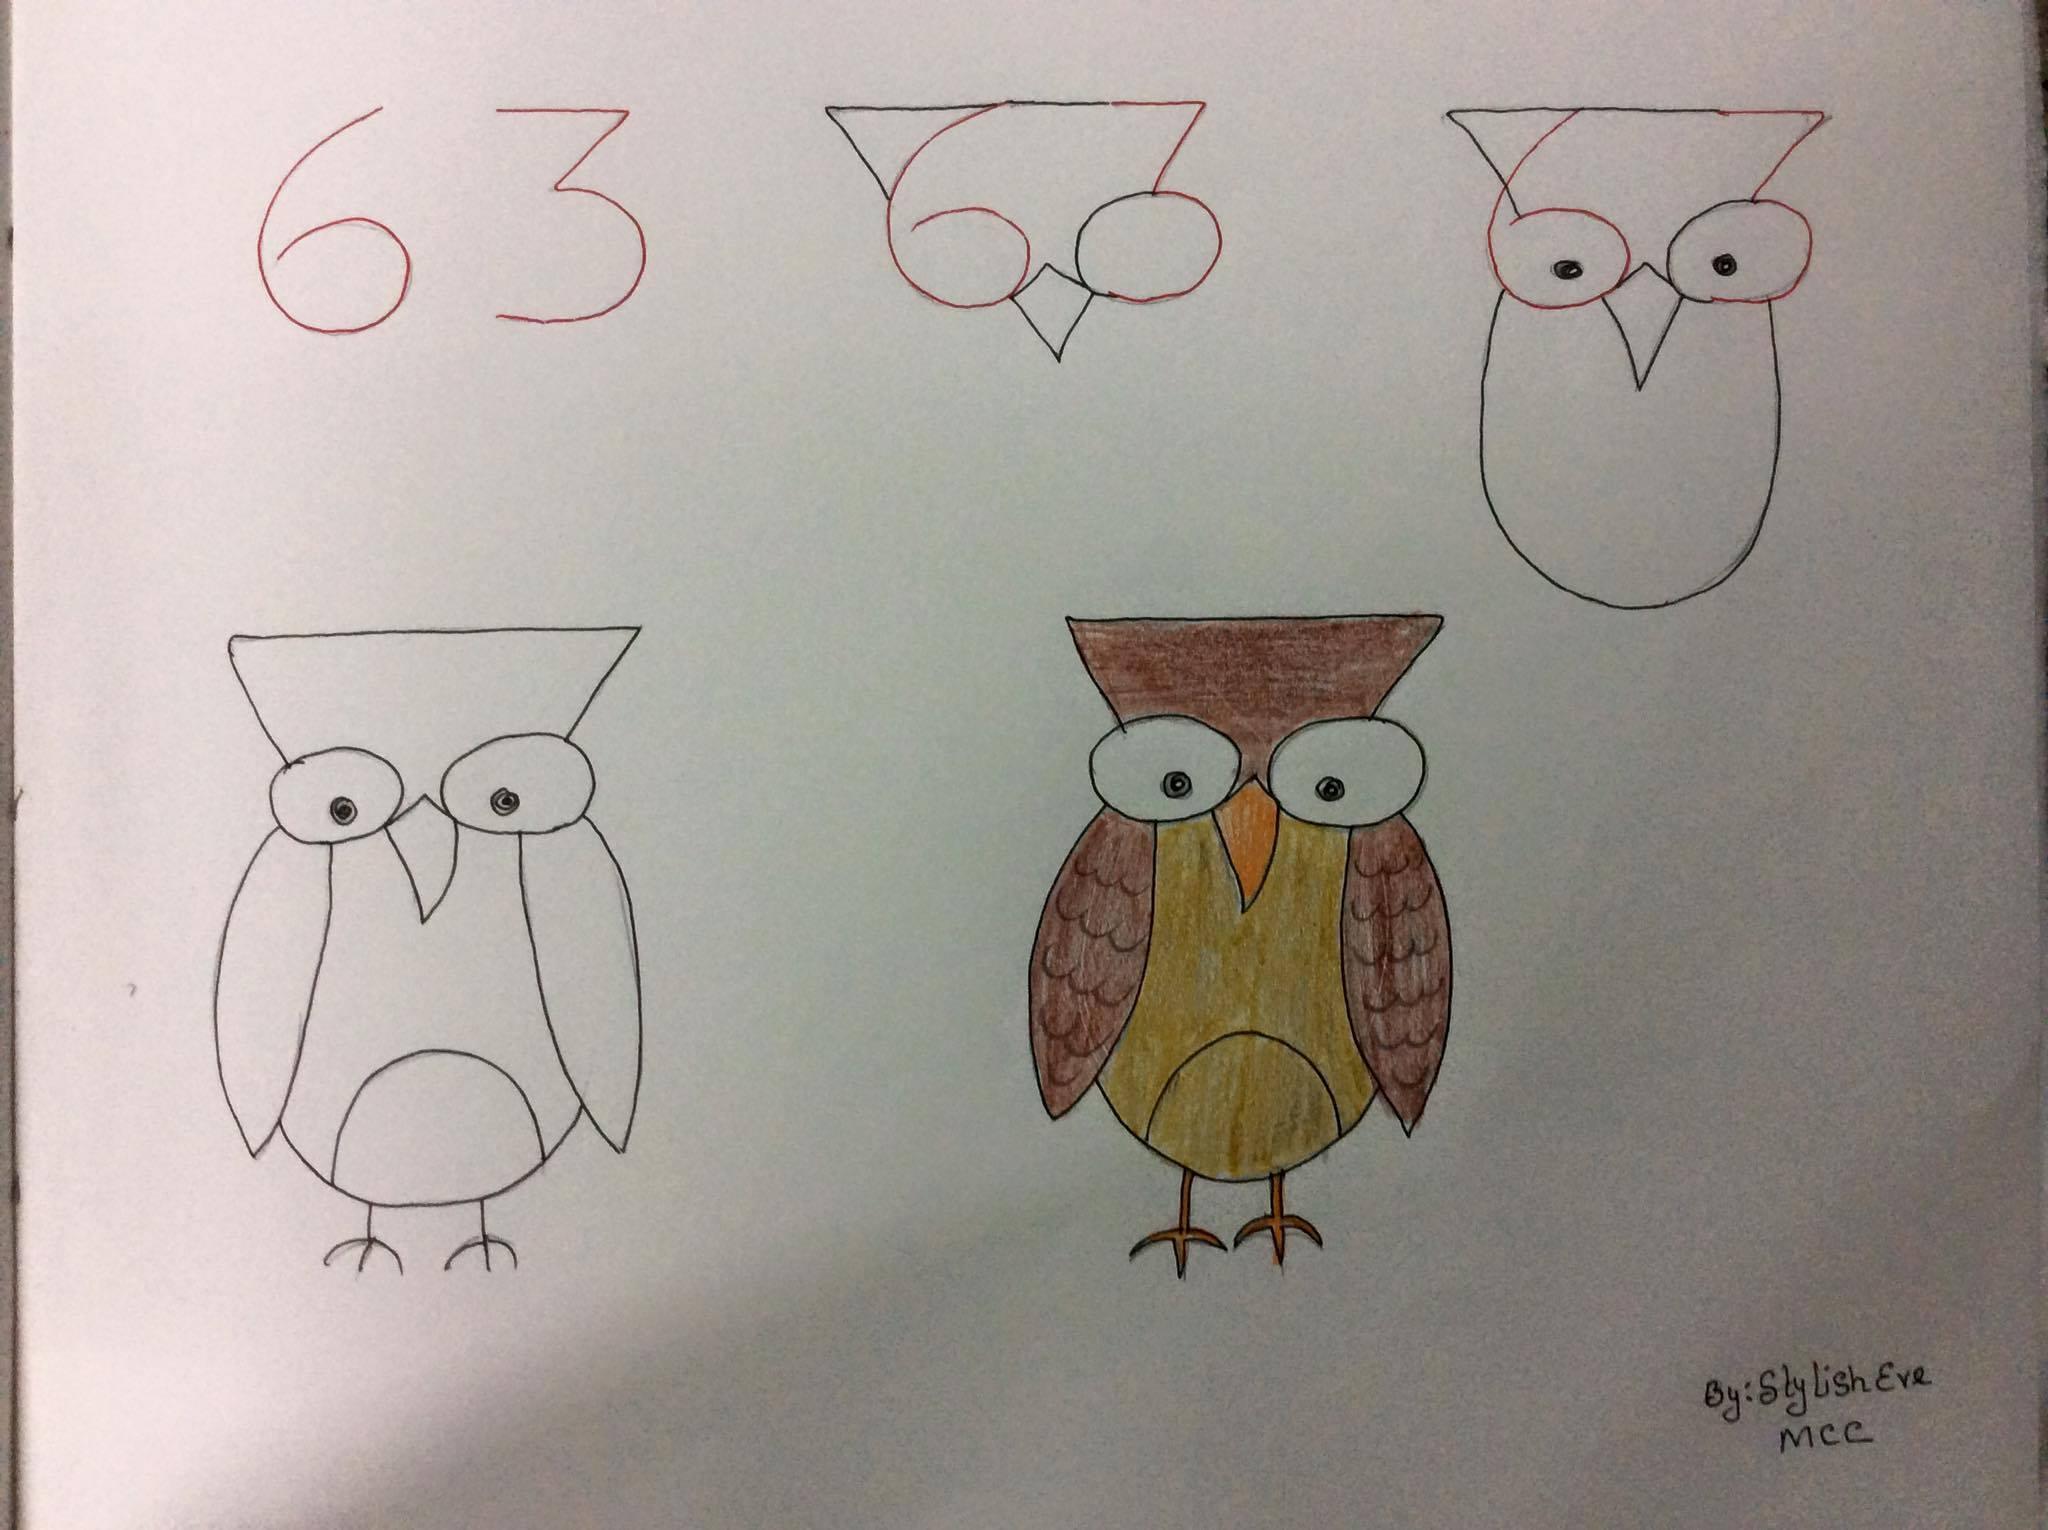 Un Simpatico Modo Per Insegnare Ai Tuoi Figli A Disegnare Con L